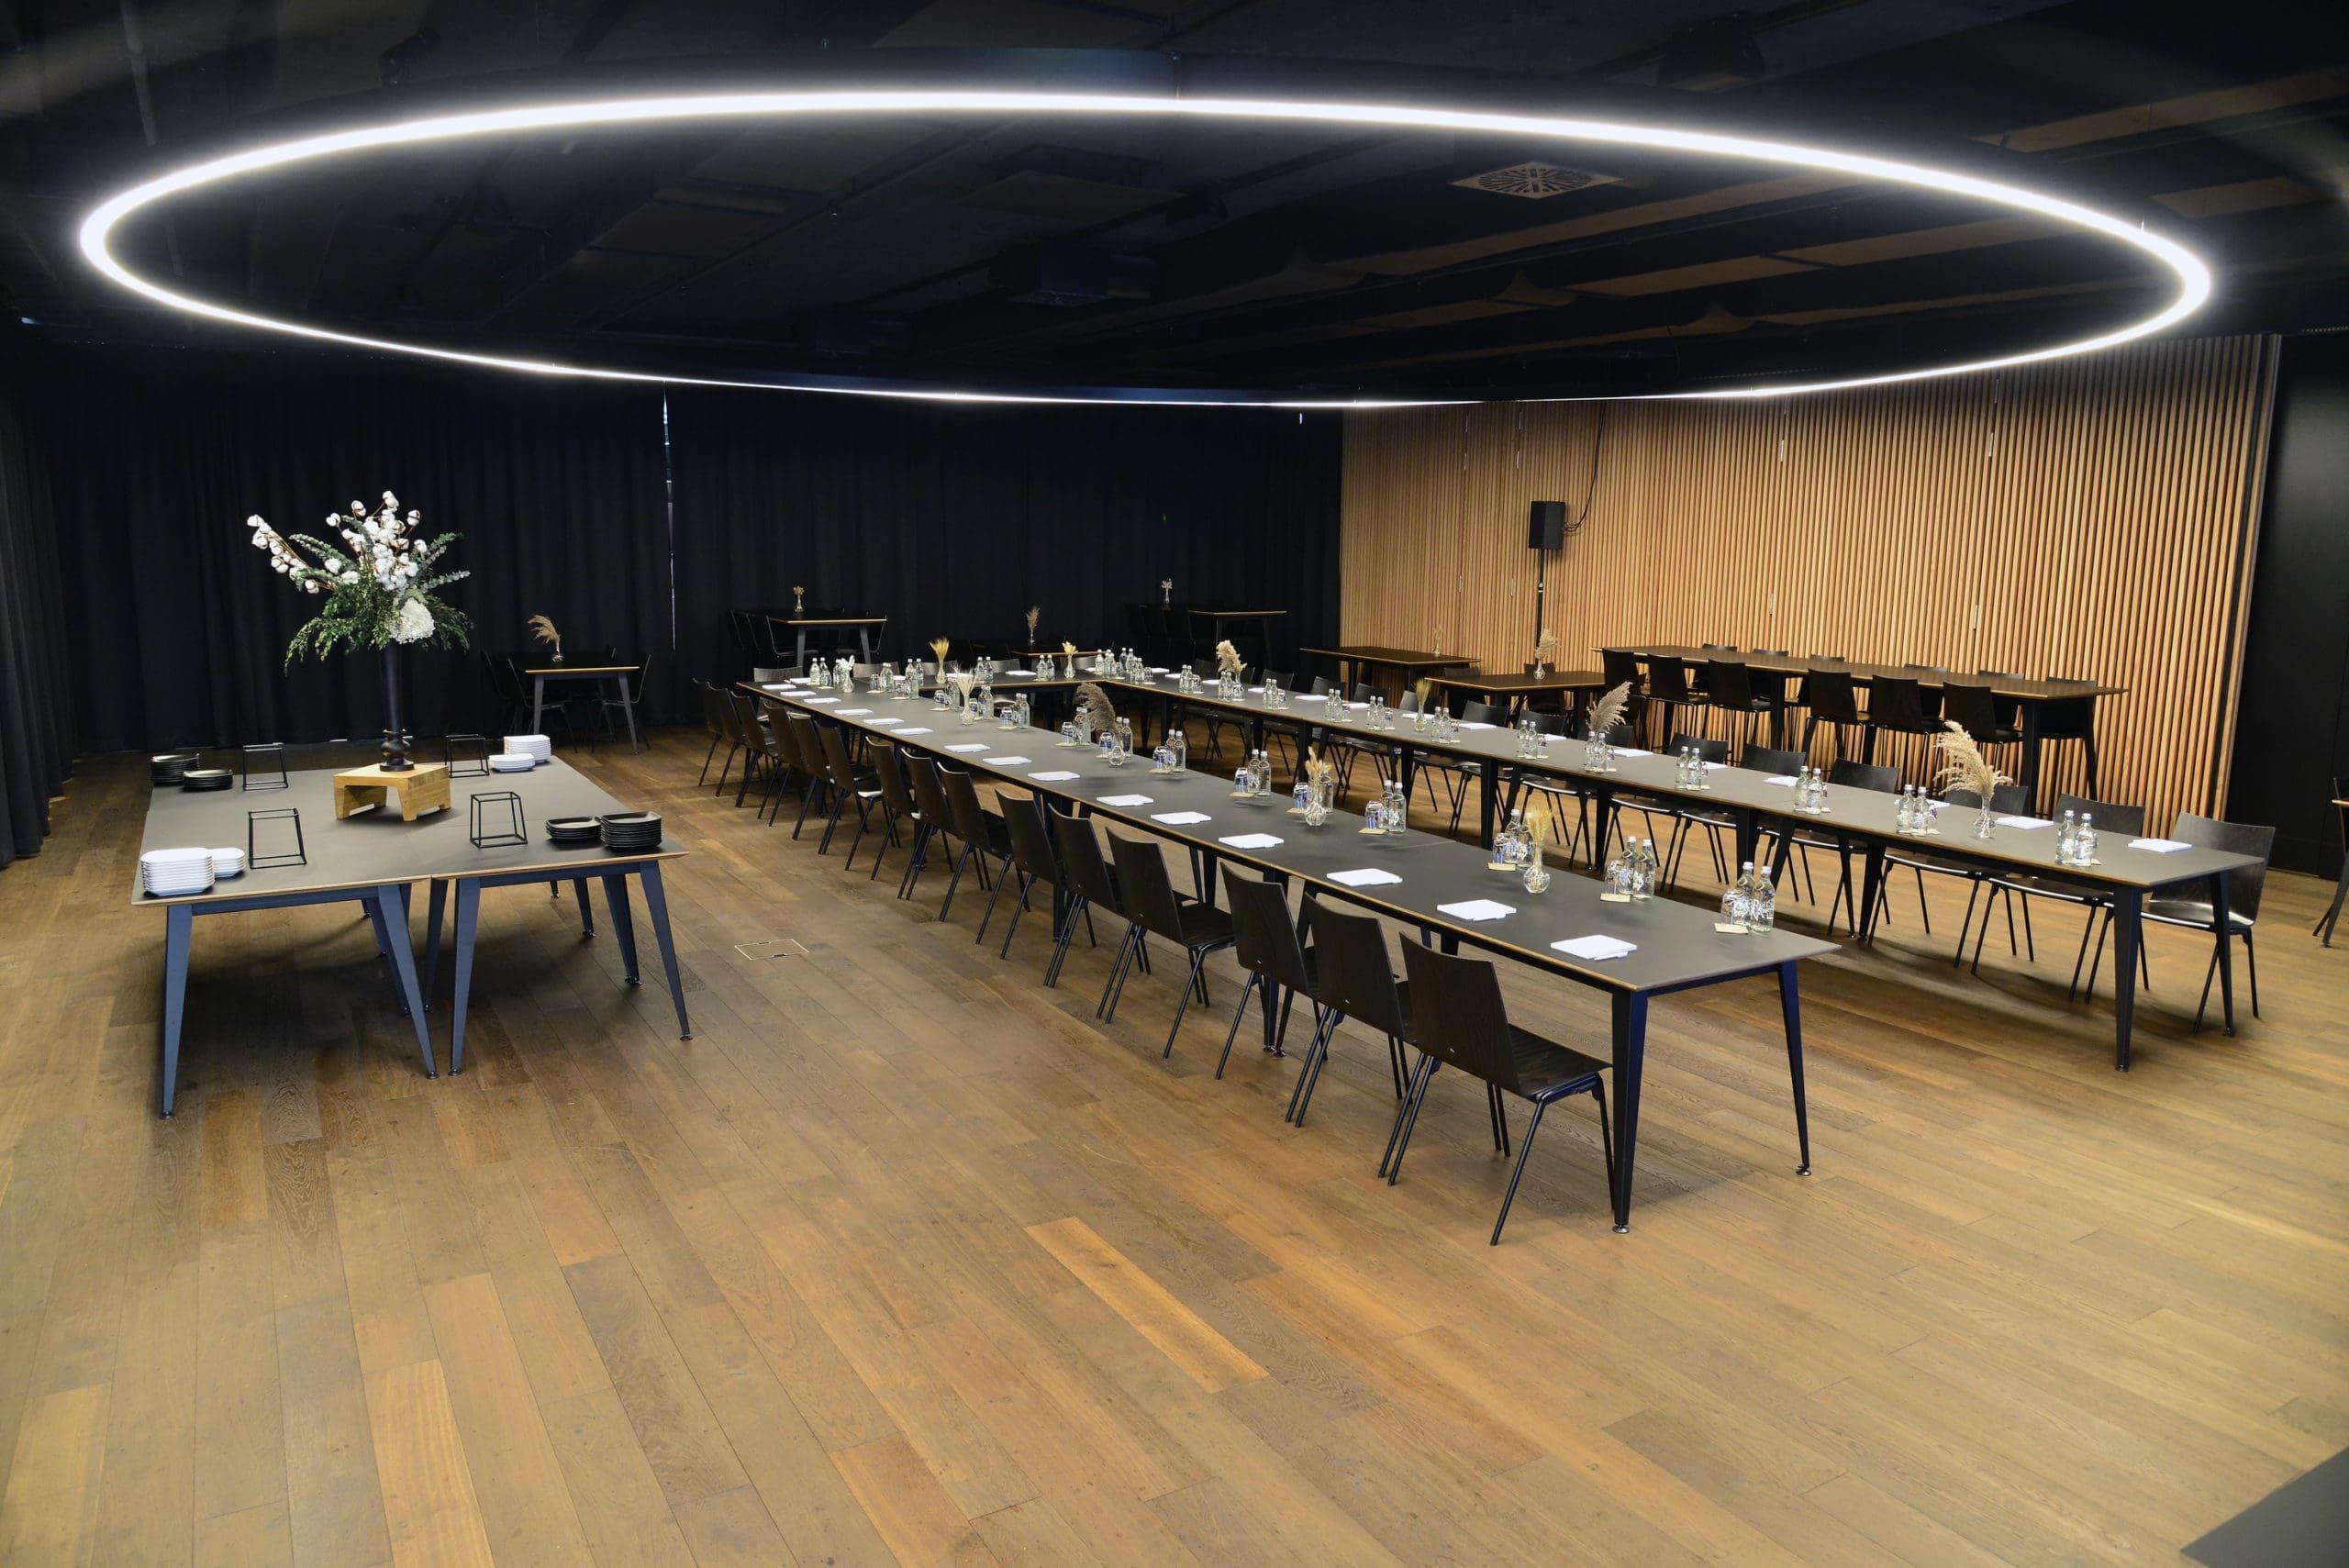 Espace capitale olympique de la Vaudoise aréna, mise en place séminaire